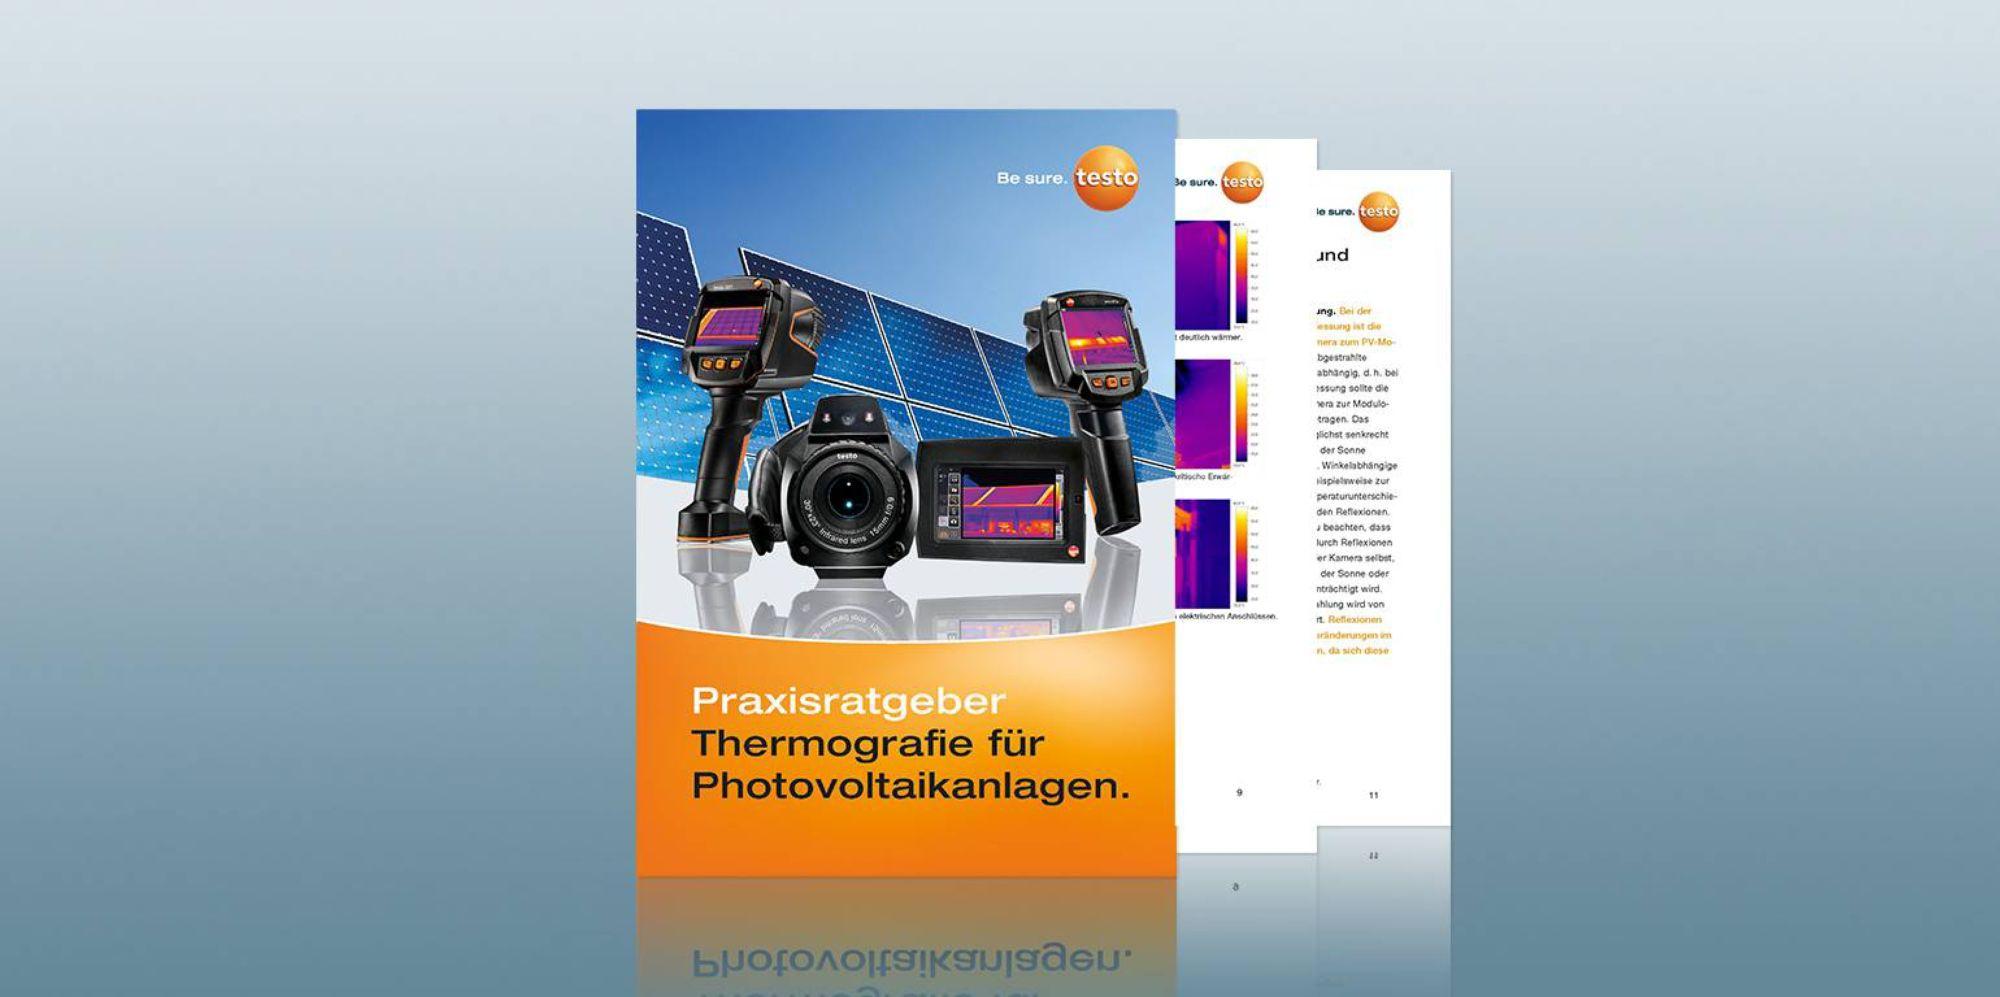 Praxisratgeber Thermografie für Photovoltaikanlagen